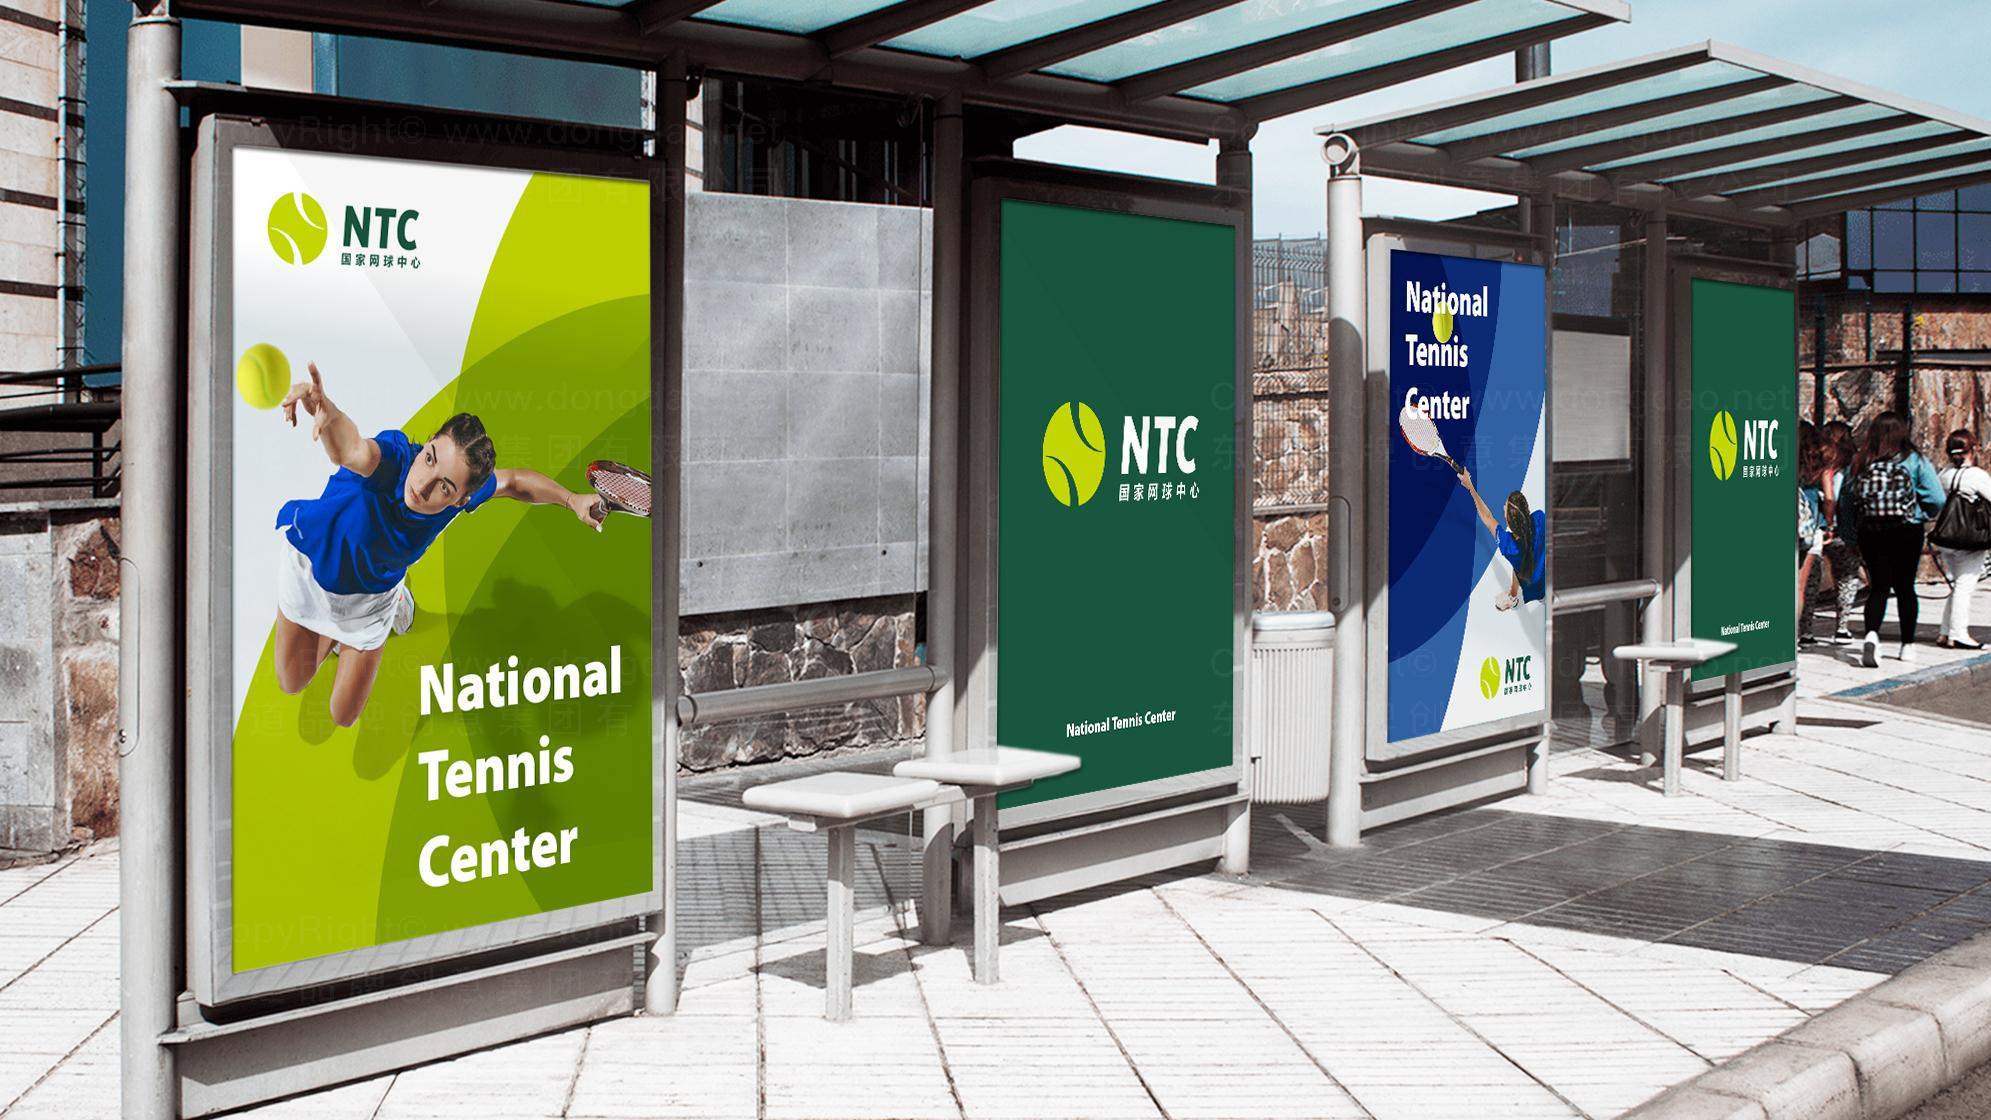 品牌设计国家网球中心标志设计应用场景